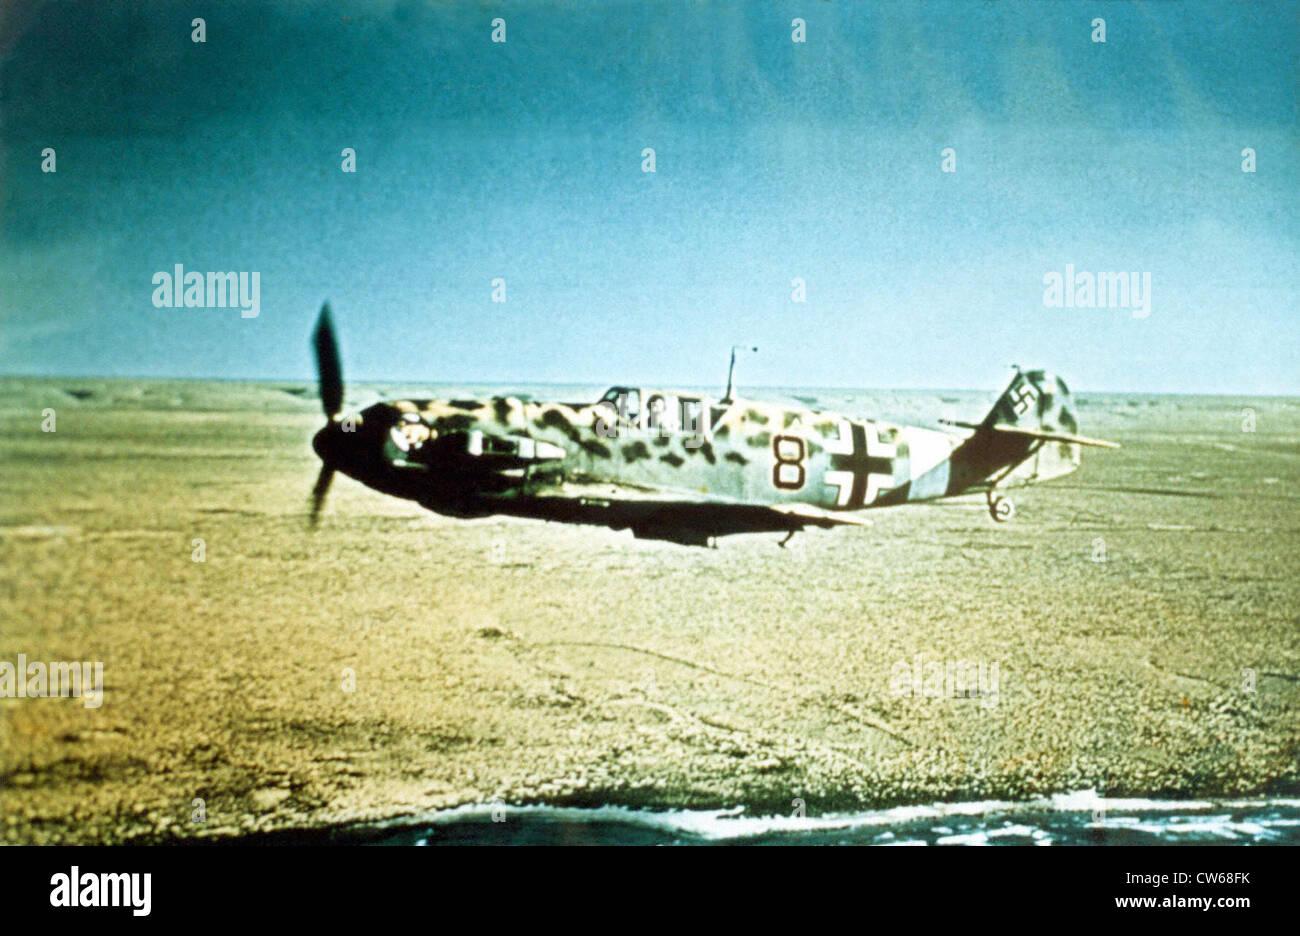 German Messerschmidt Bf-109 fighter plane in Libya, 1942. - Stock Image